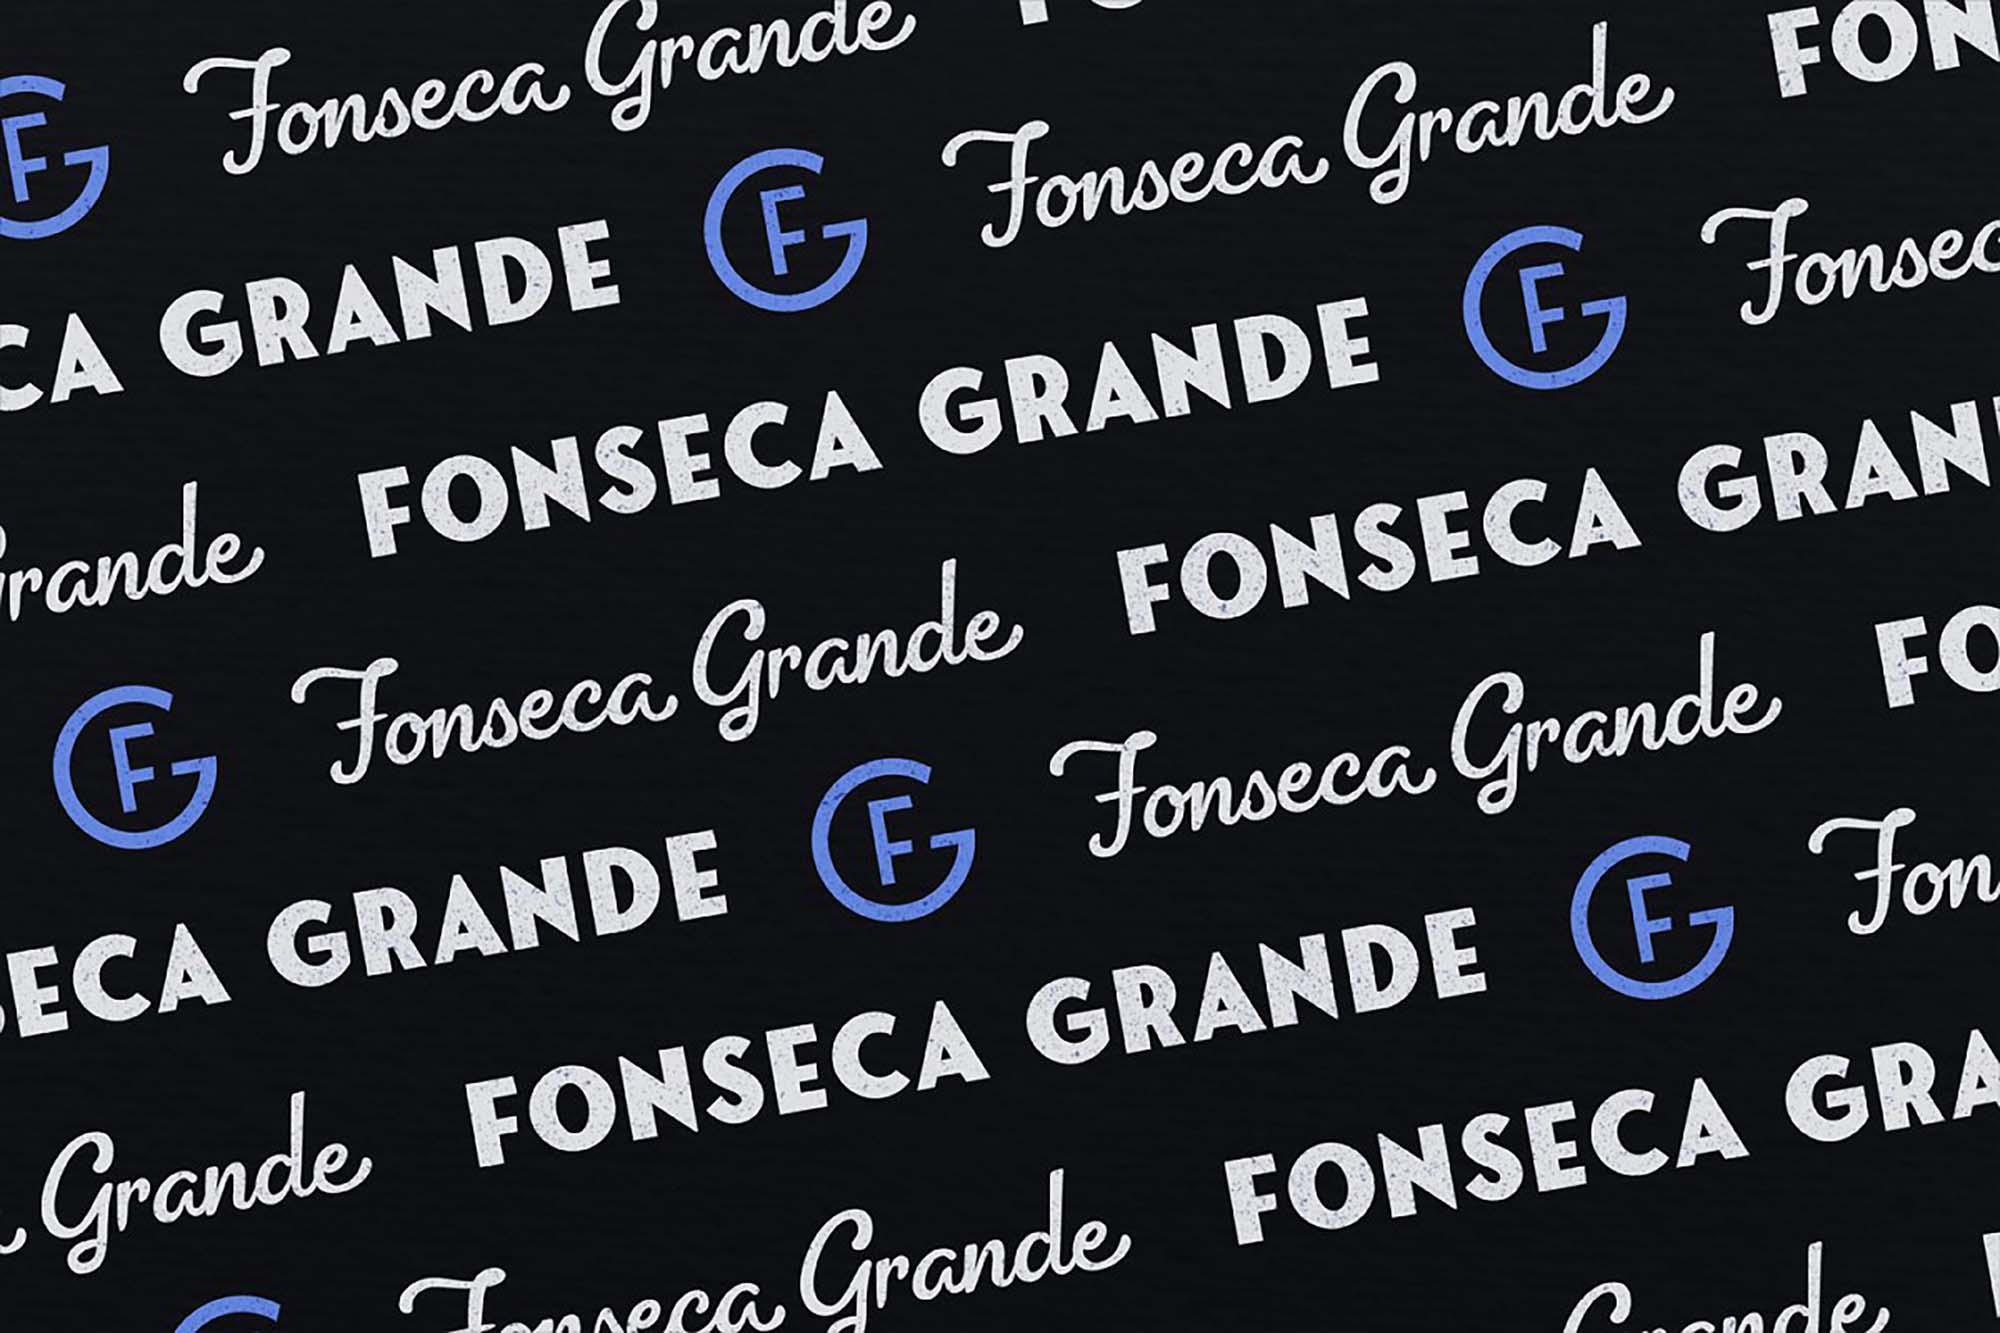 Fonseca Grande Font 1